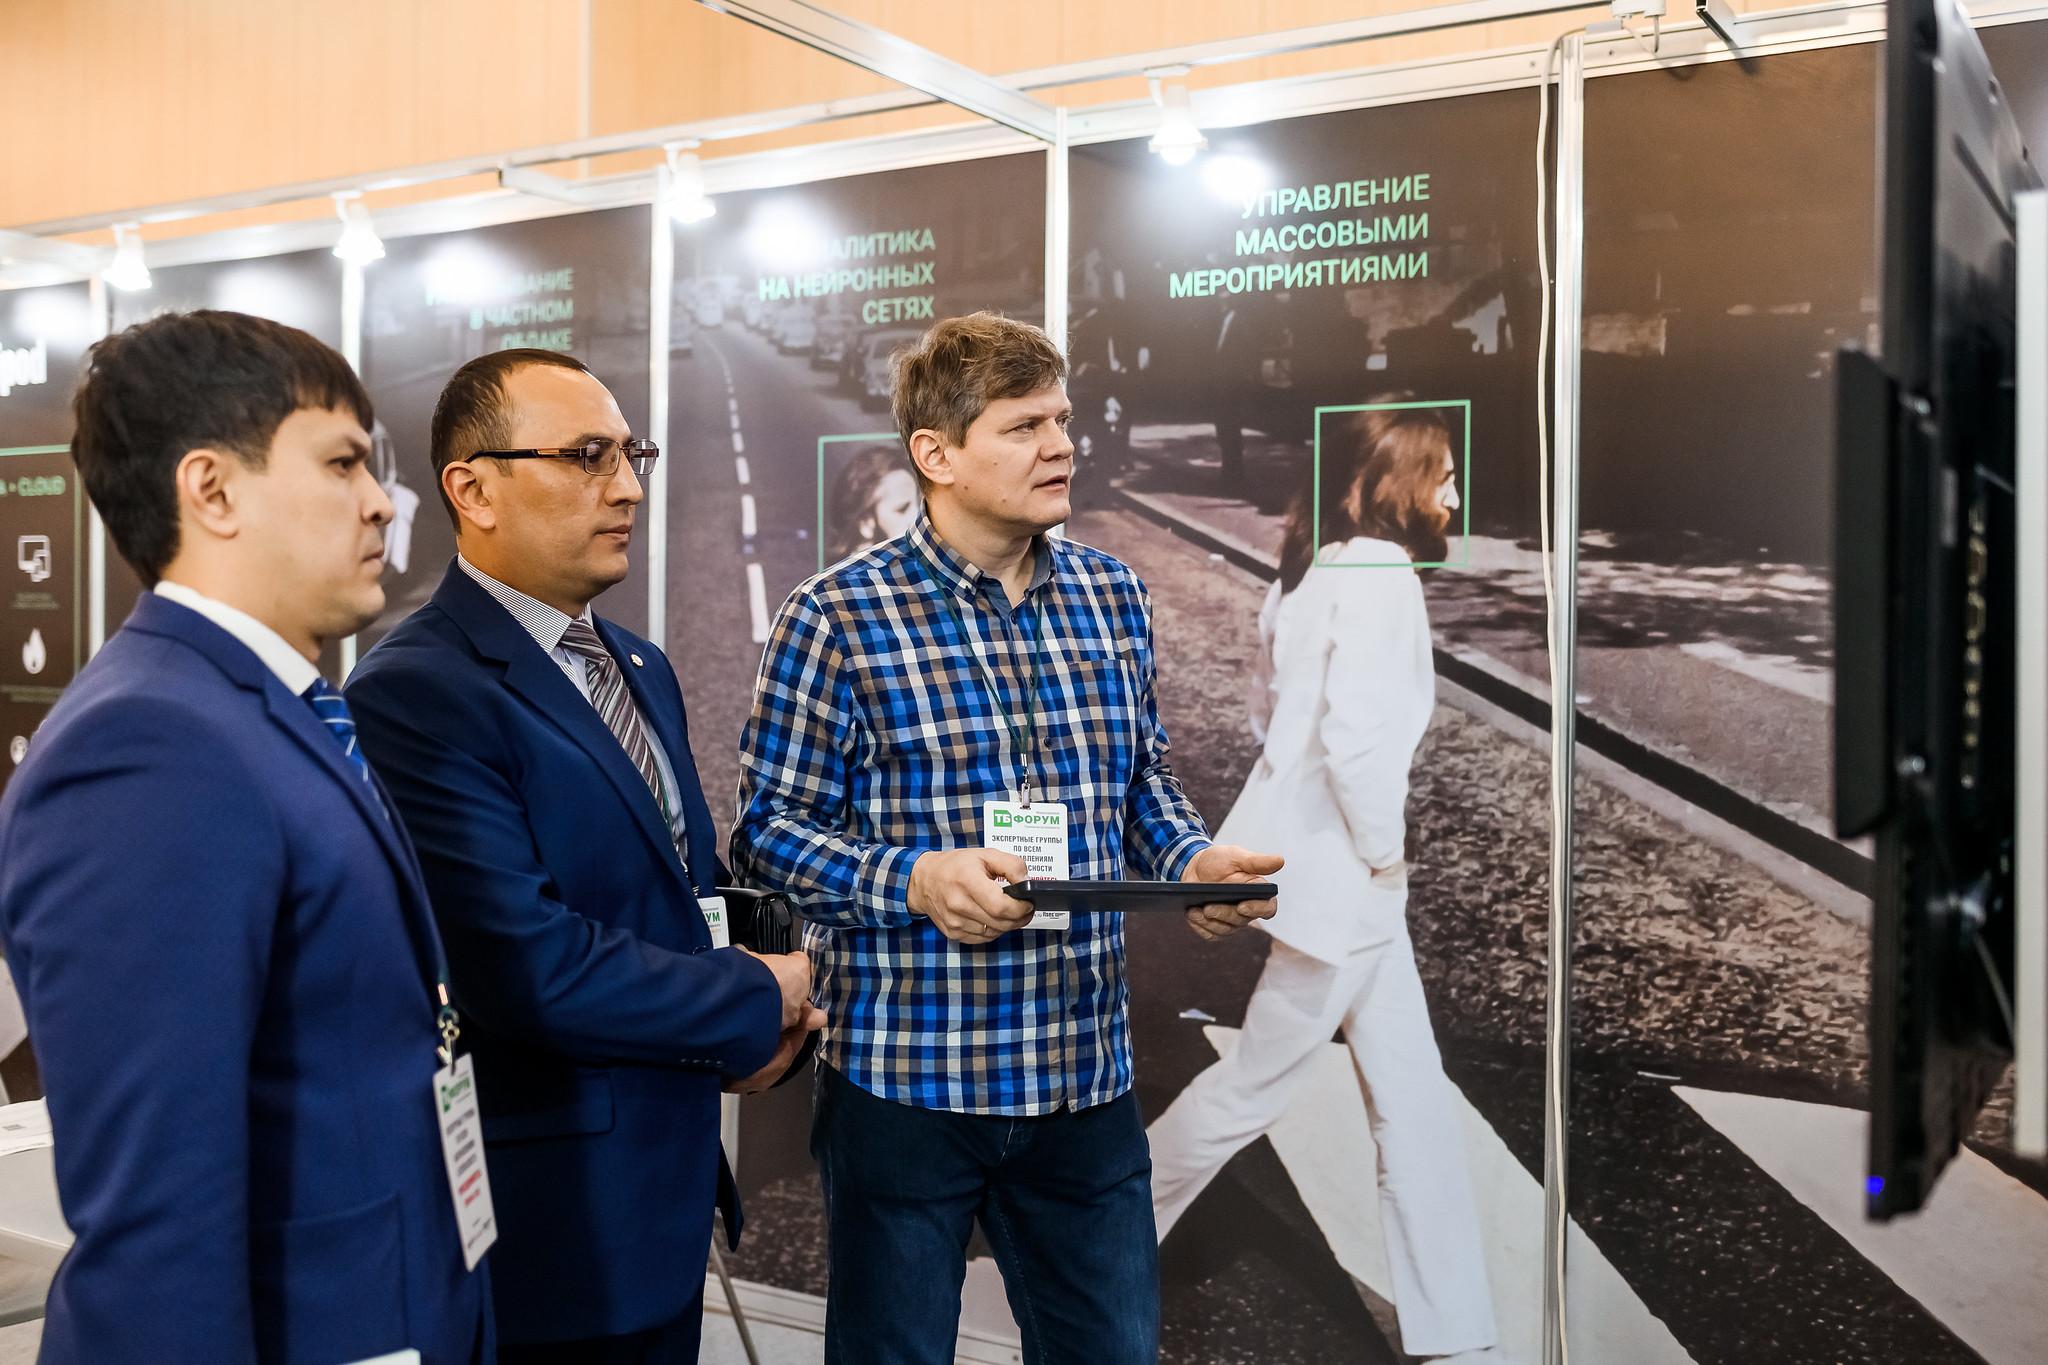 Представители транспорта, промышленности, банков и ритейла презентуют кейсы по интеллектуальному видеонаблюдению на ТБ Форуме 2020